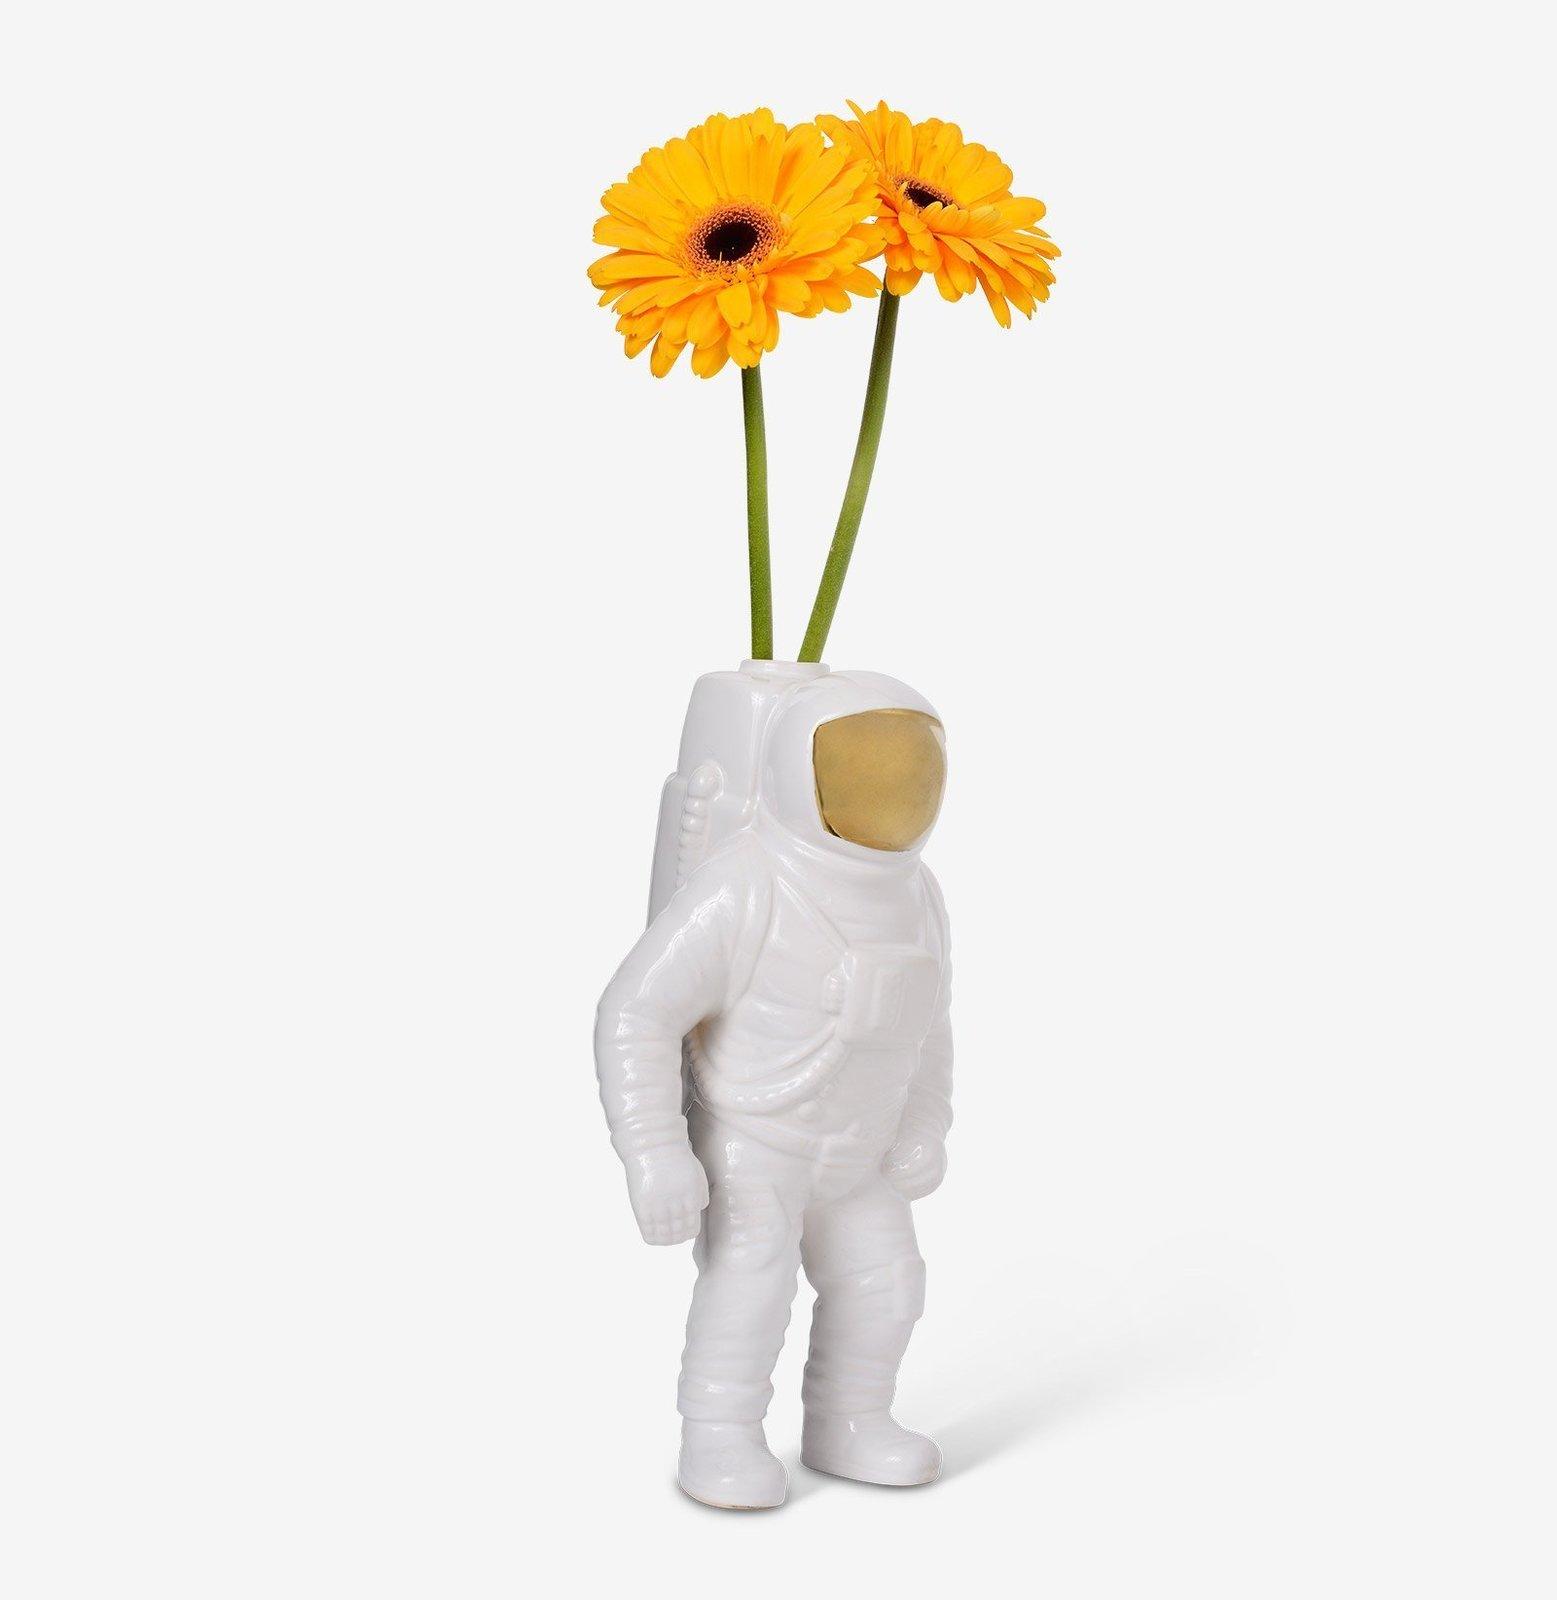 Photo 1 of 1 in Starman Vase